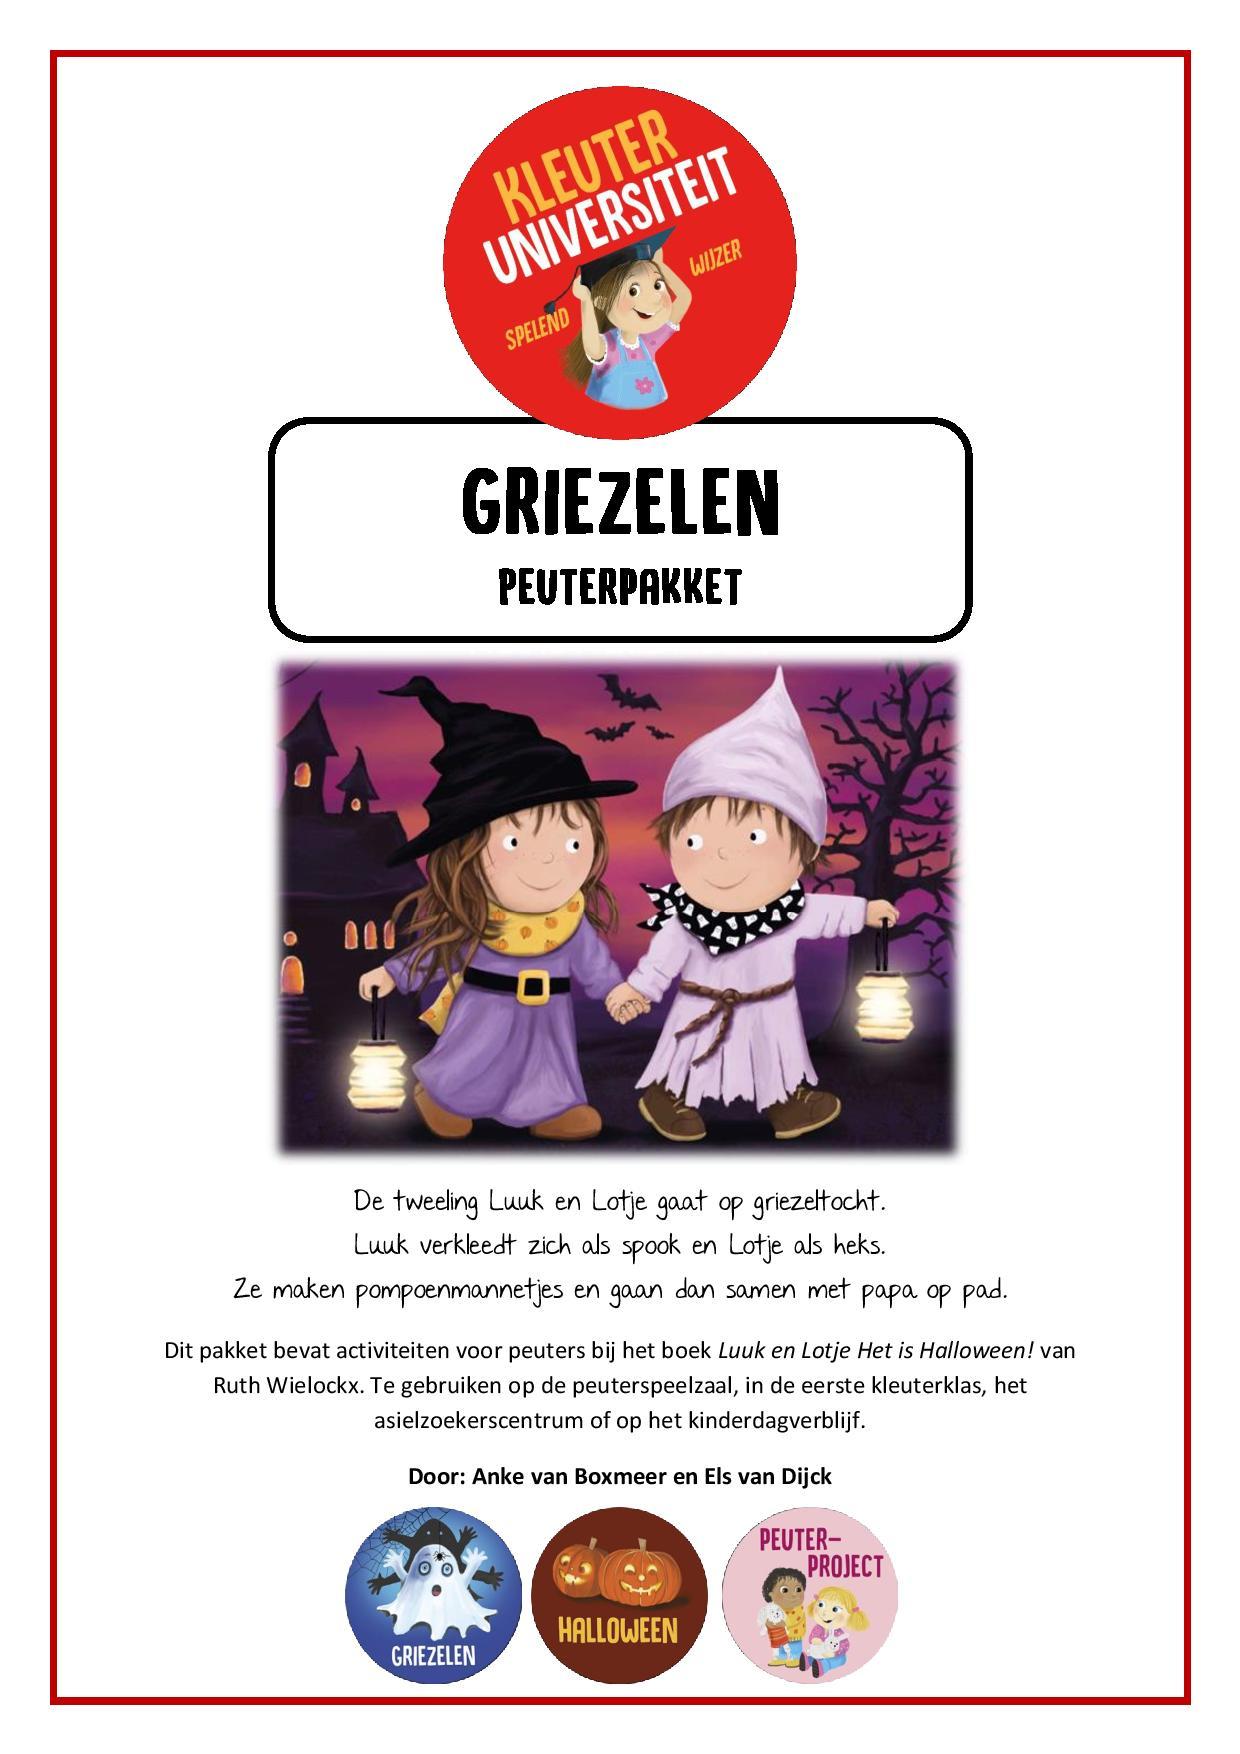 Halloween Gebruiken.Griezelen Peuterproject